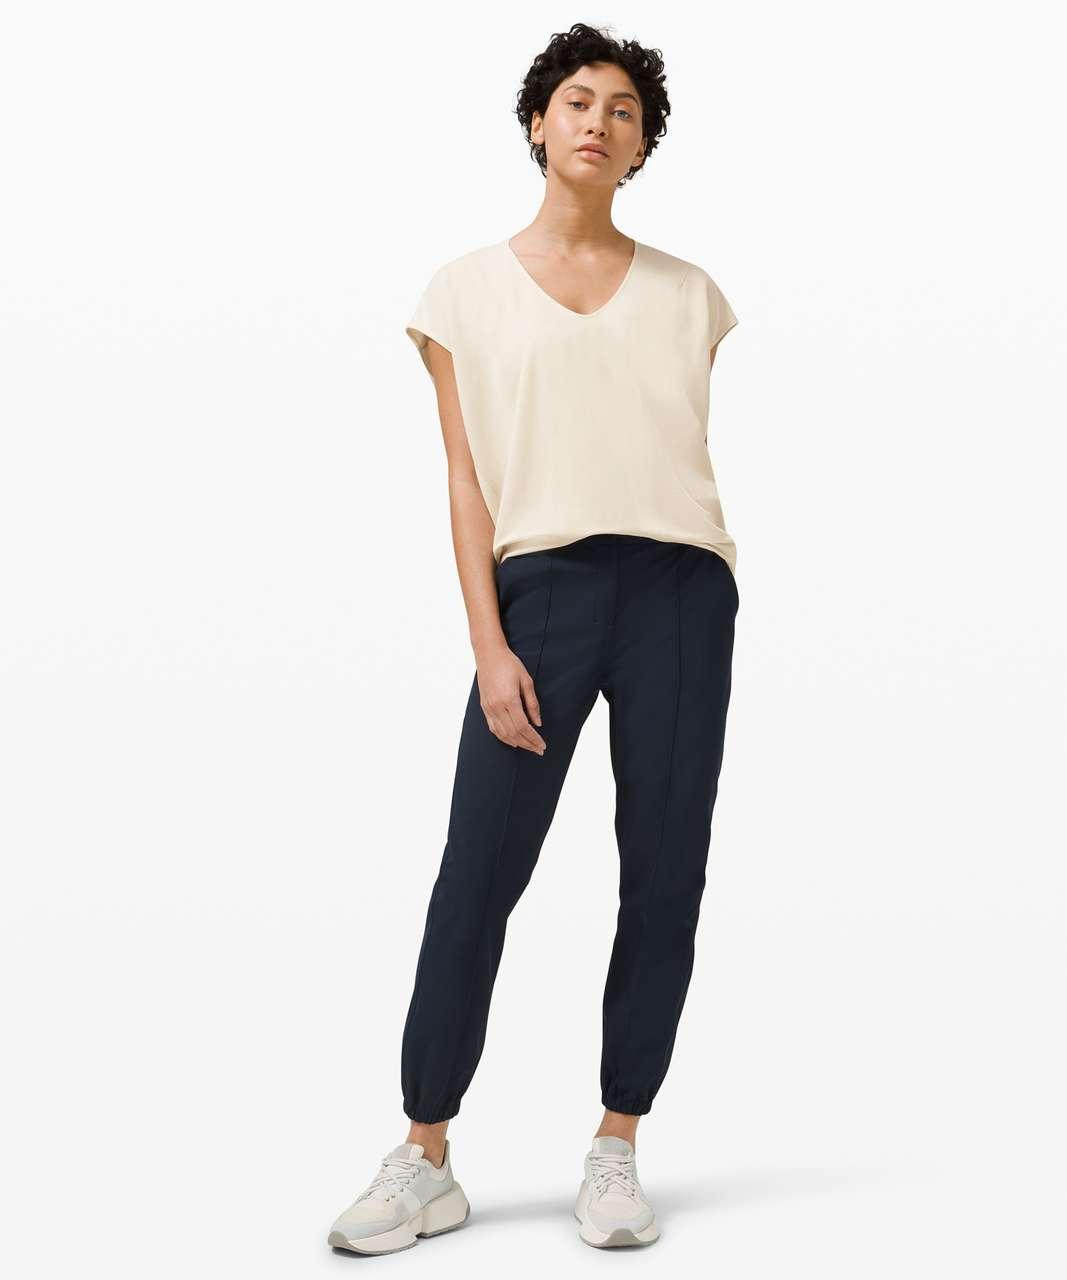 Lululemon Capped Short Sleeve Tee - White Opal